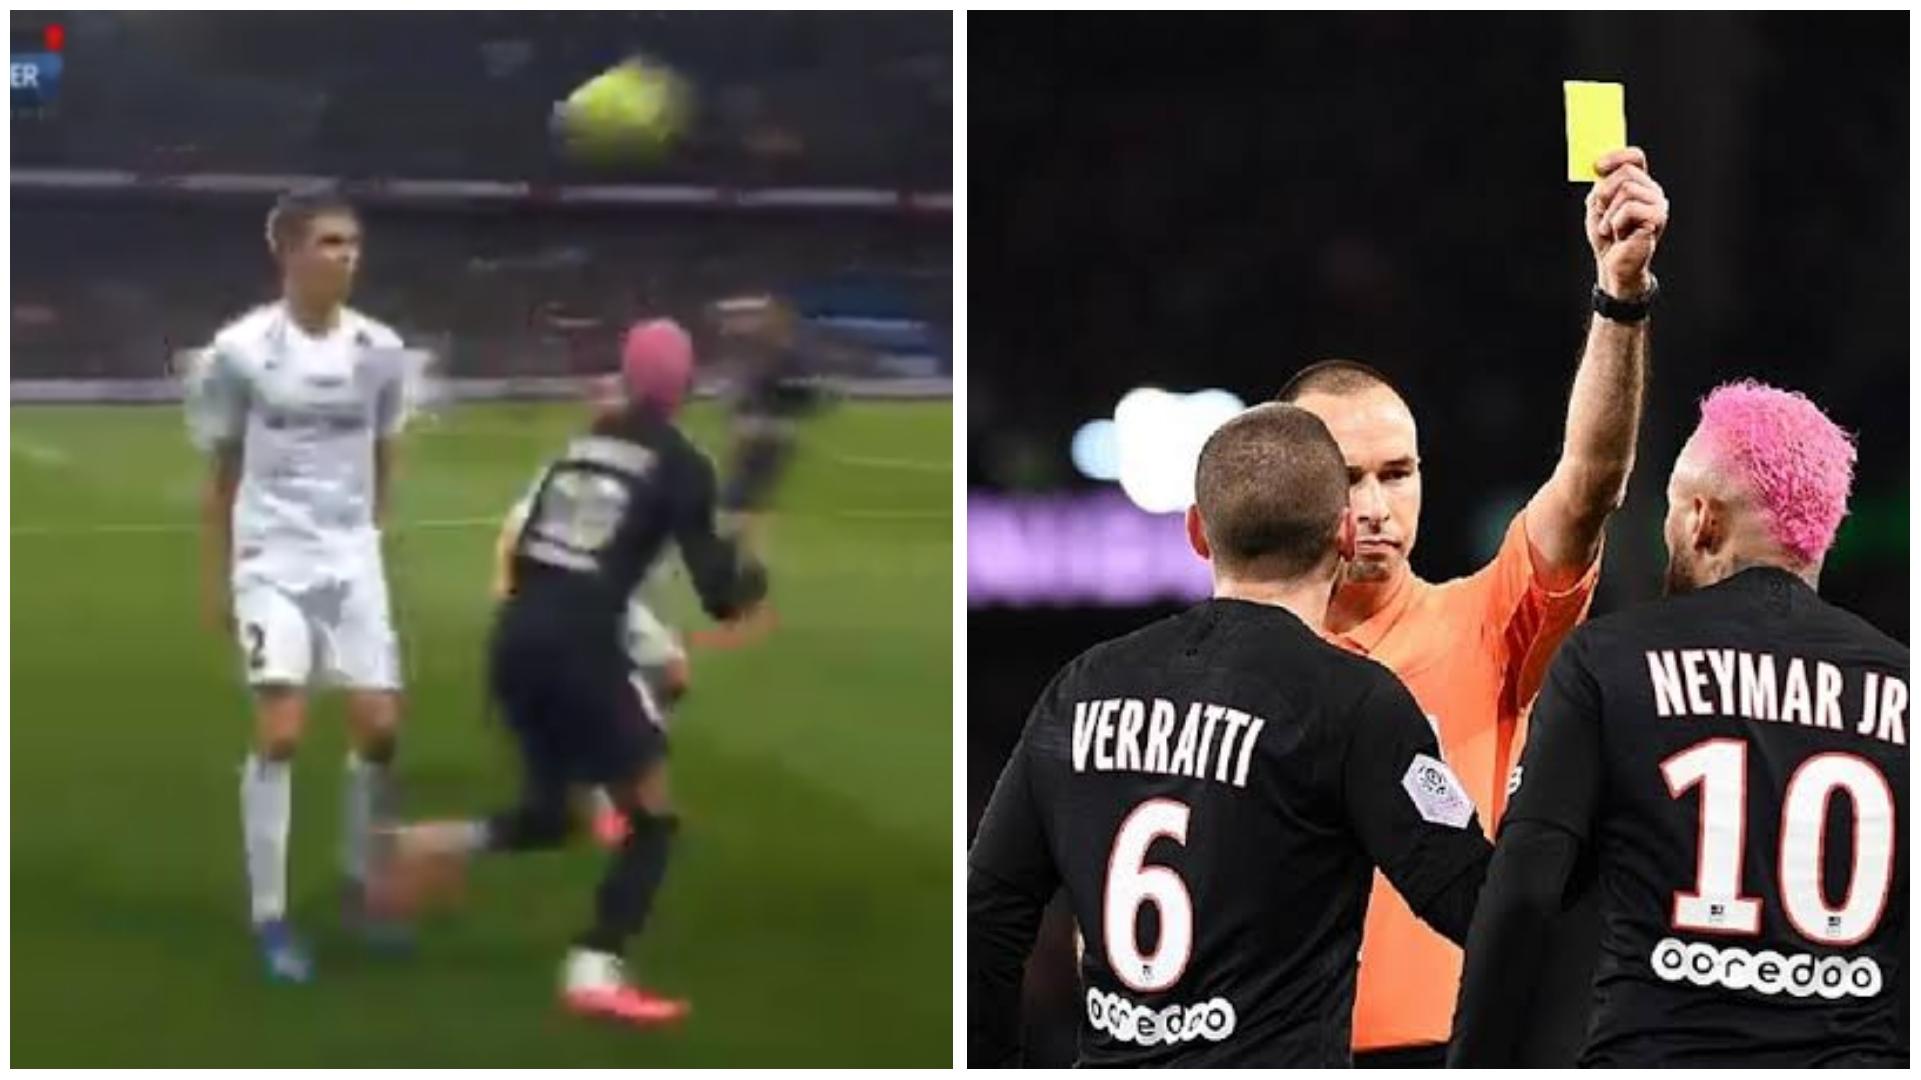 O futebol arte está morrendo: Neymar aplica lambreta e leva cartão amarelo